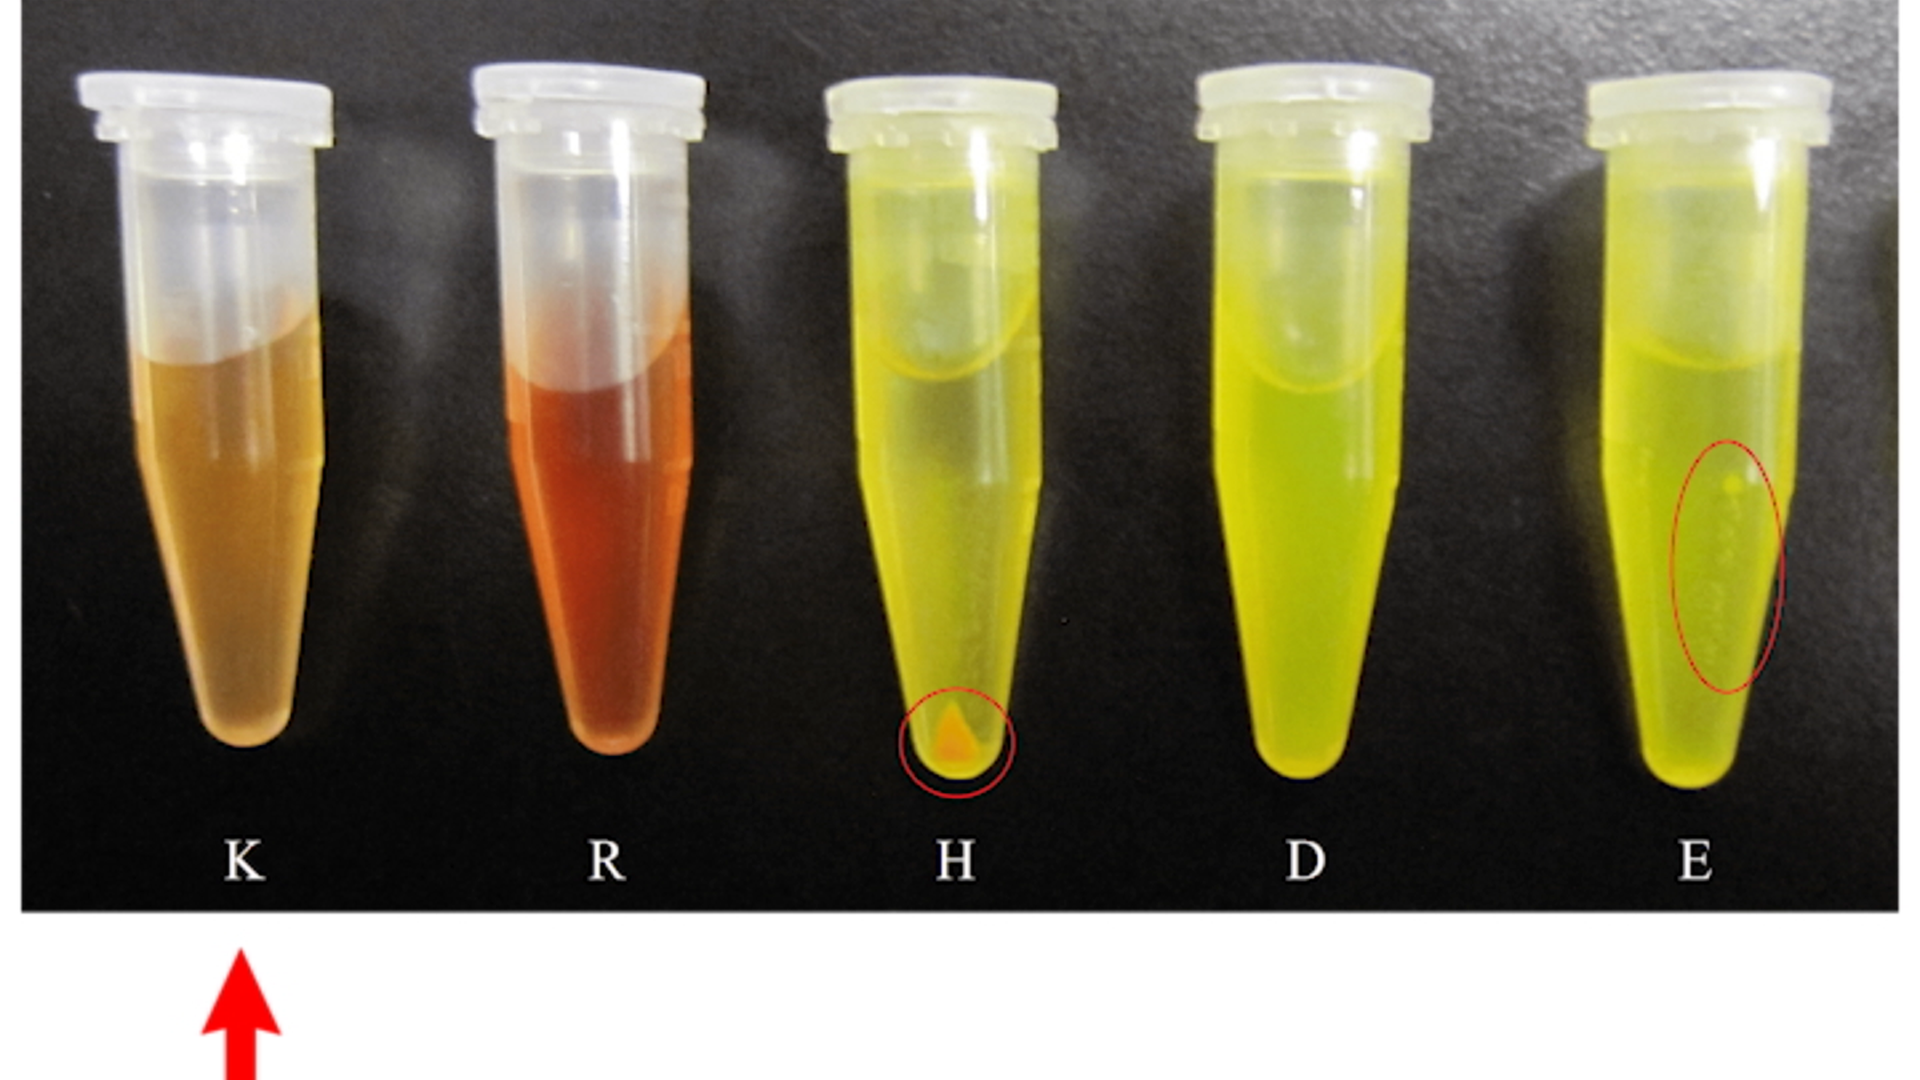 Çözünürlük sulu çözüm peptid ve Amino asit kendi kendine montaj bileşimlerini kullanarak hidrofobik bileşiklerin thumbnail